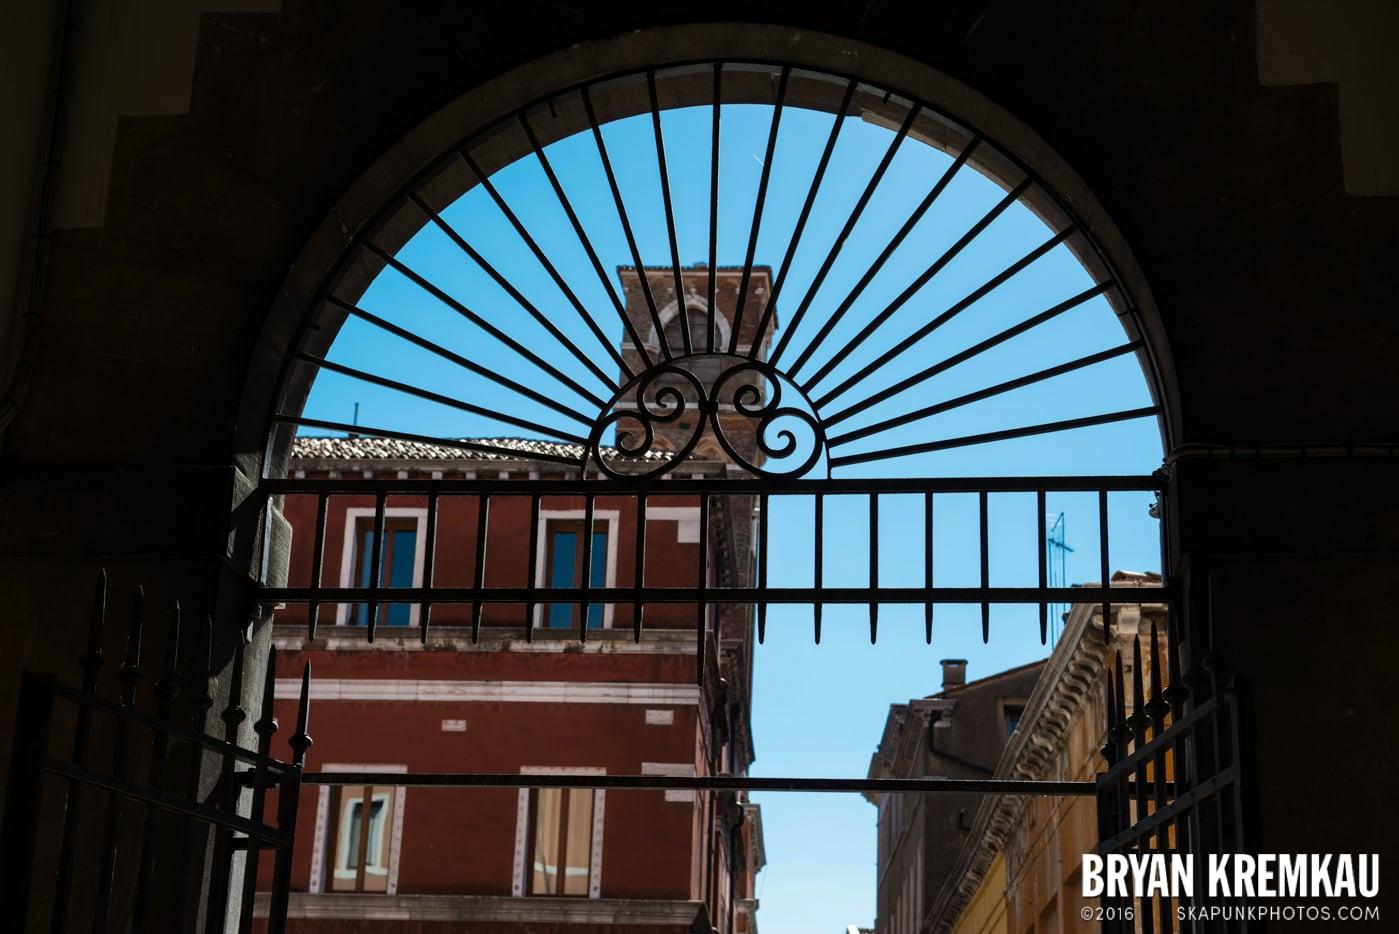 Italy Vacation - Day 4: Venice - 9.12.13 (51)